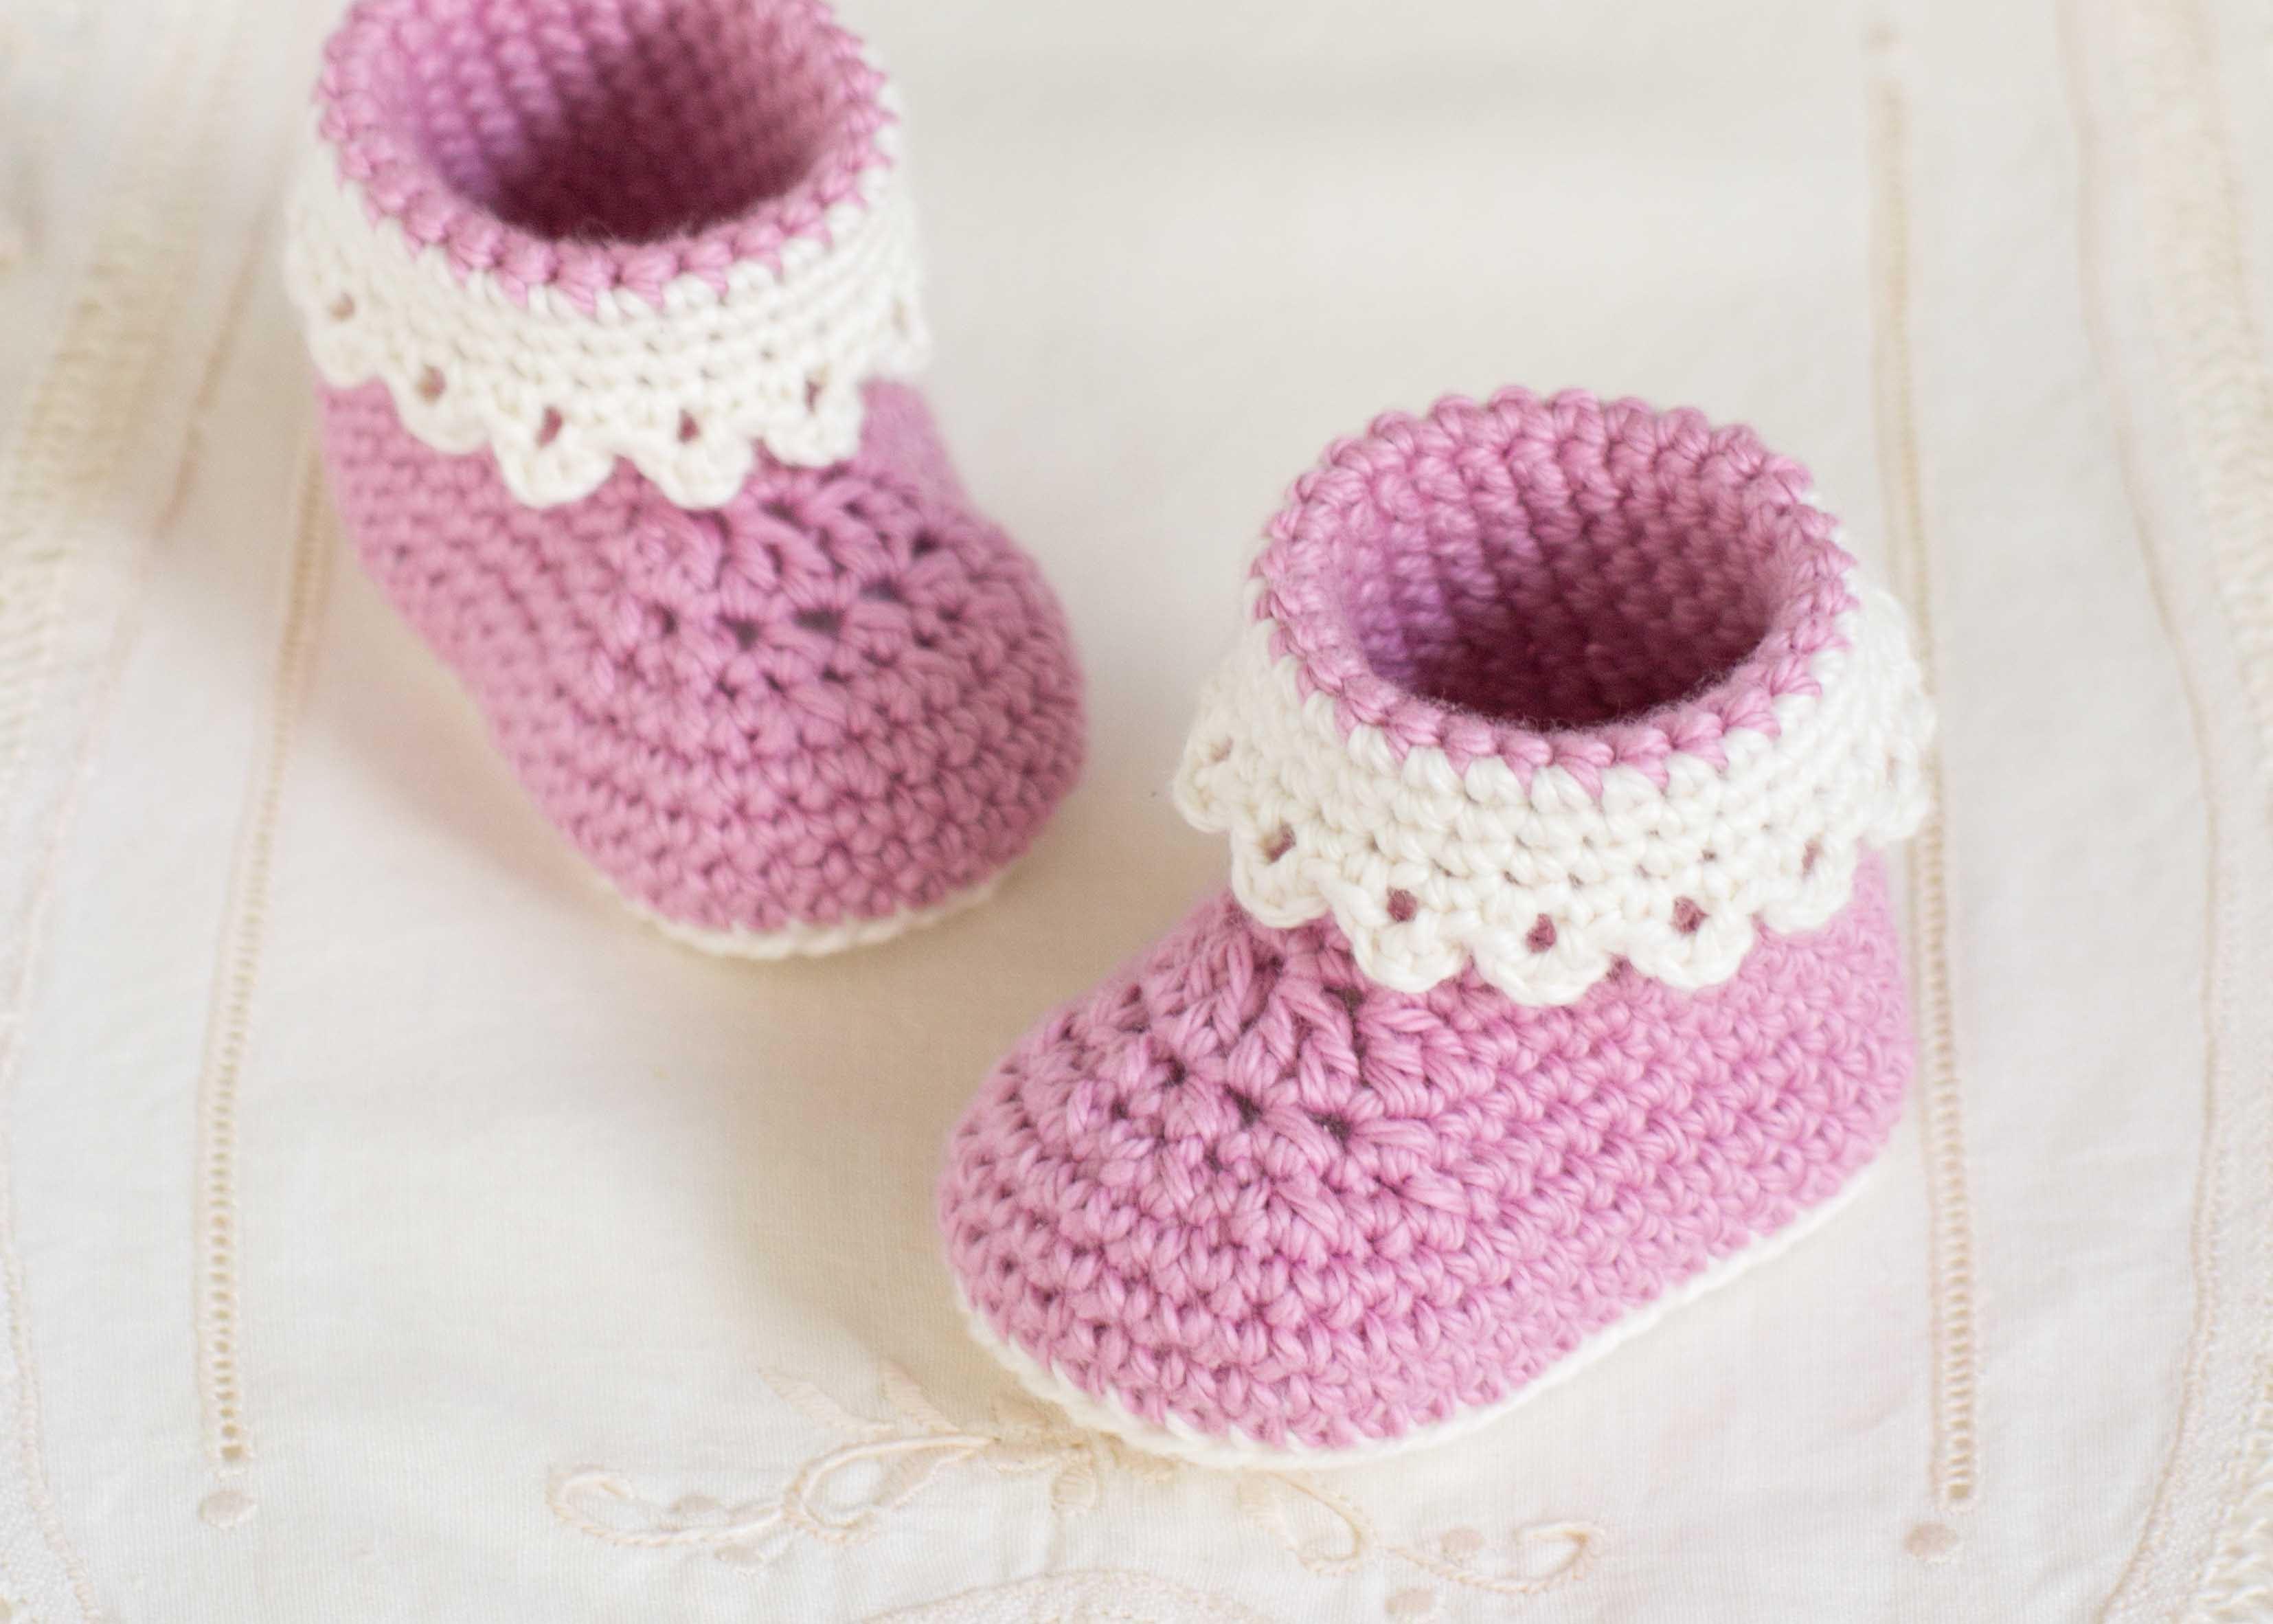 عمل أحذية أطفال بالكروشيه - أحذية كروشيه تناسب البنات - 3